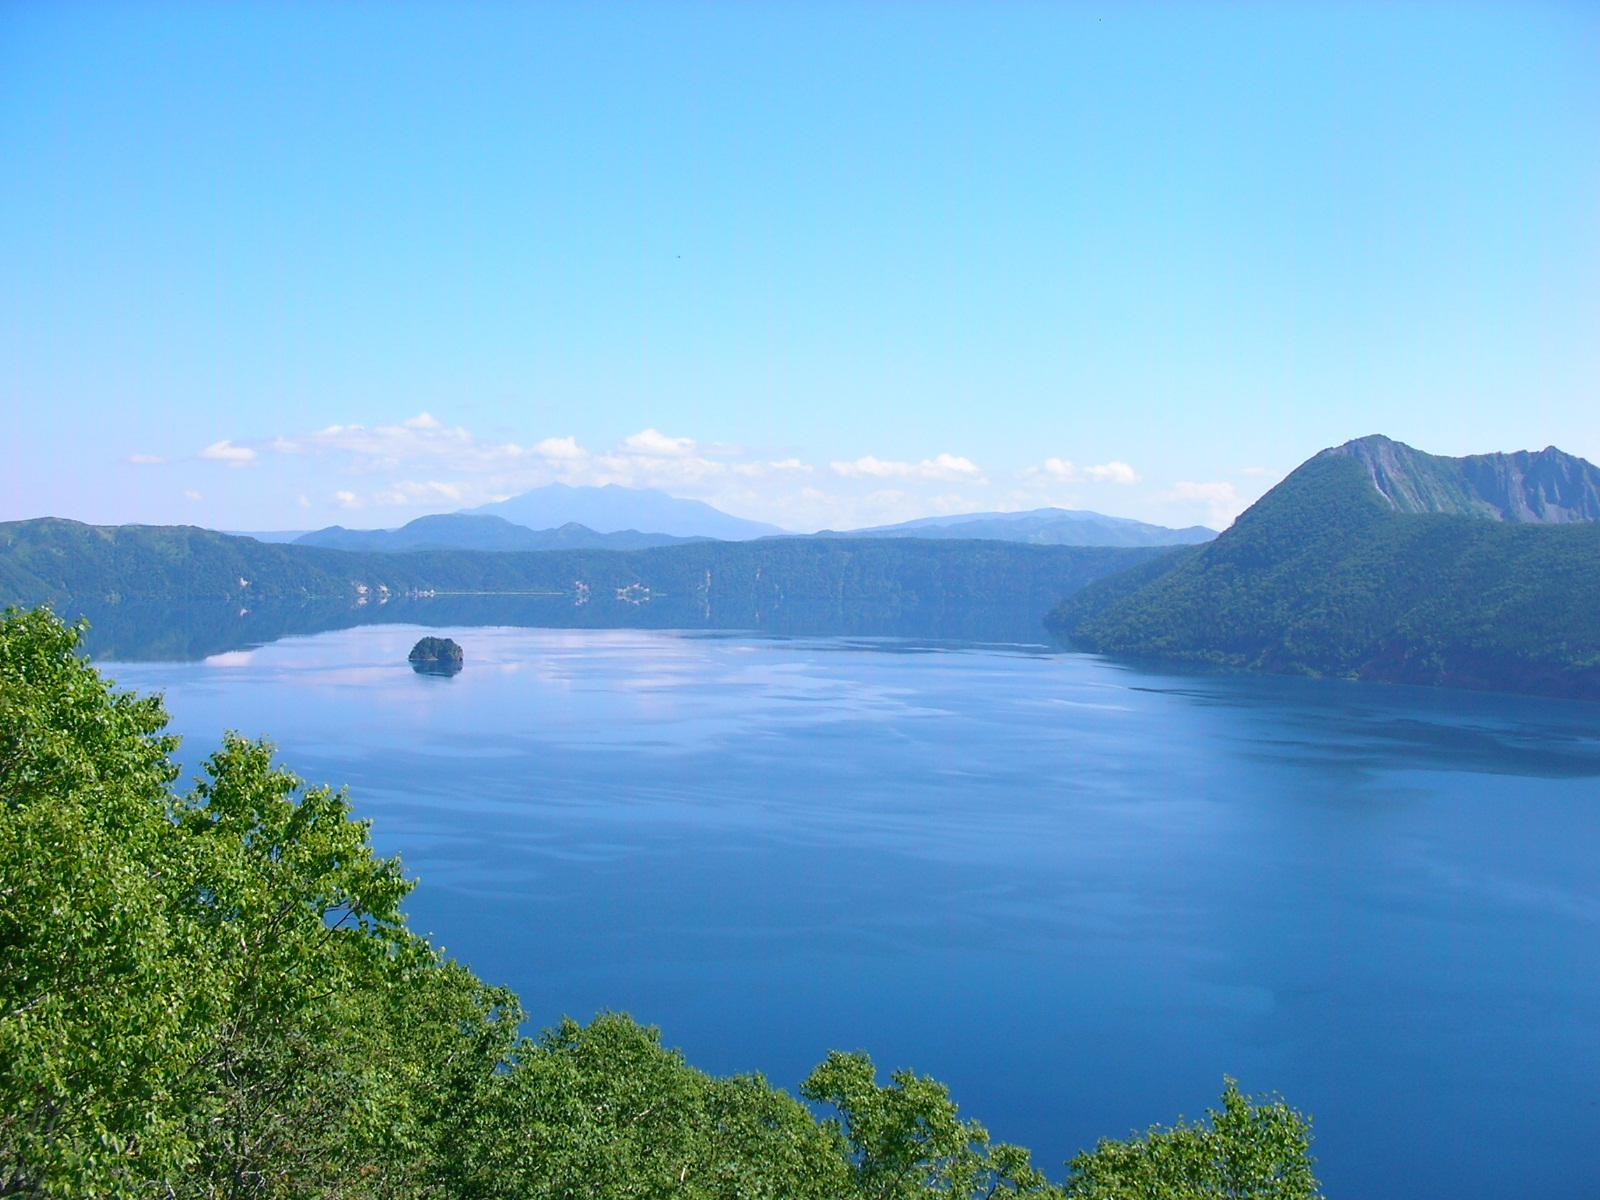 Lake Mashu and Viewpoints